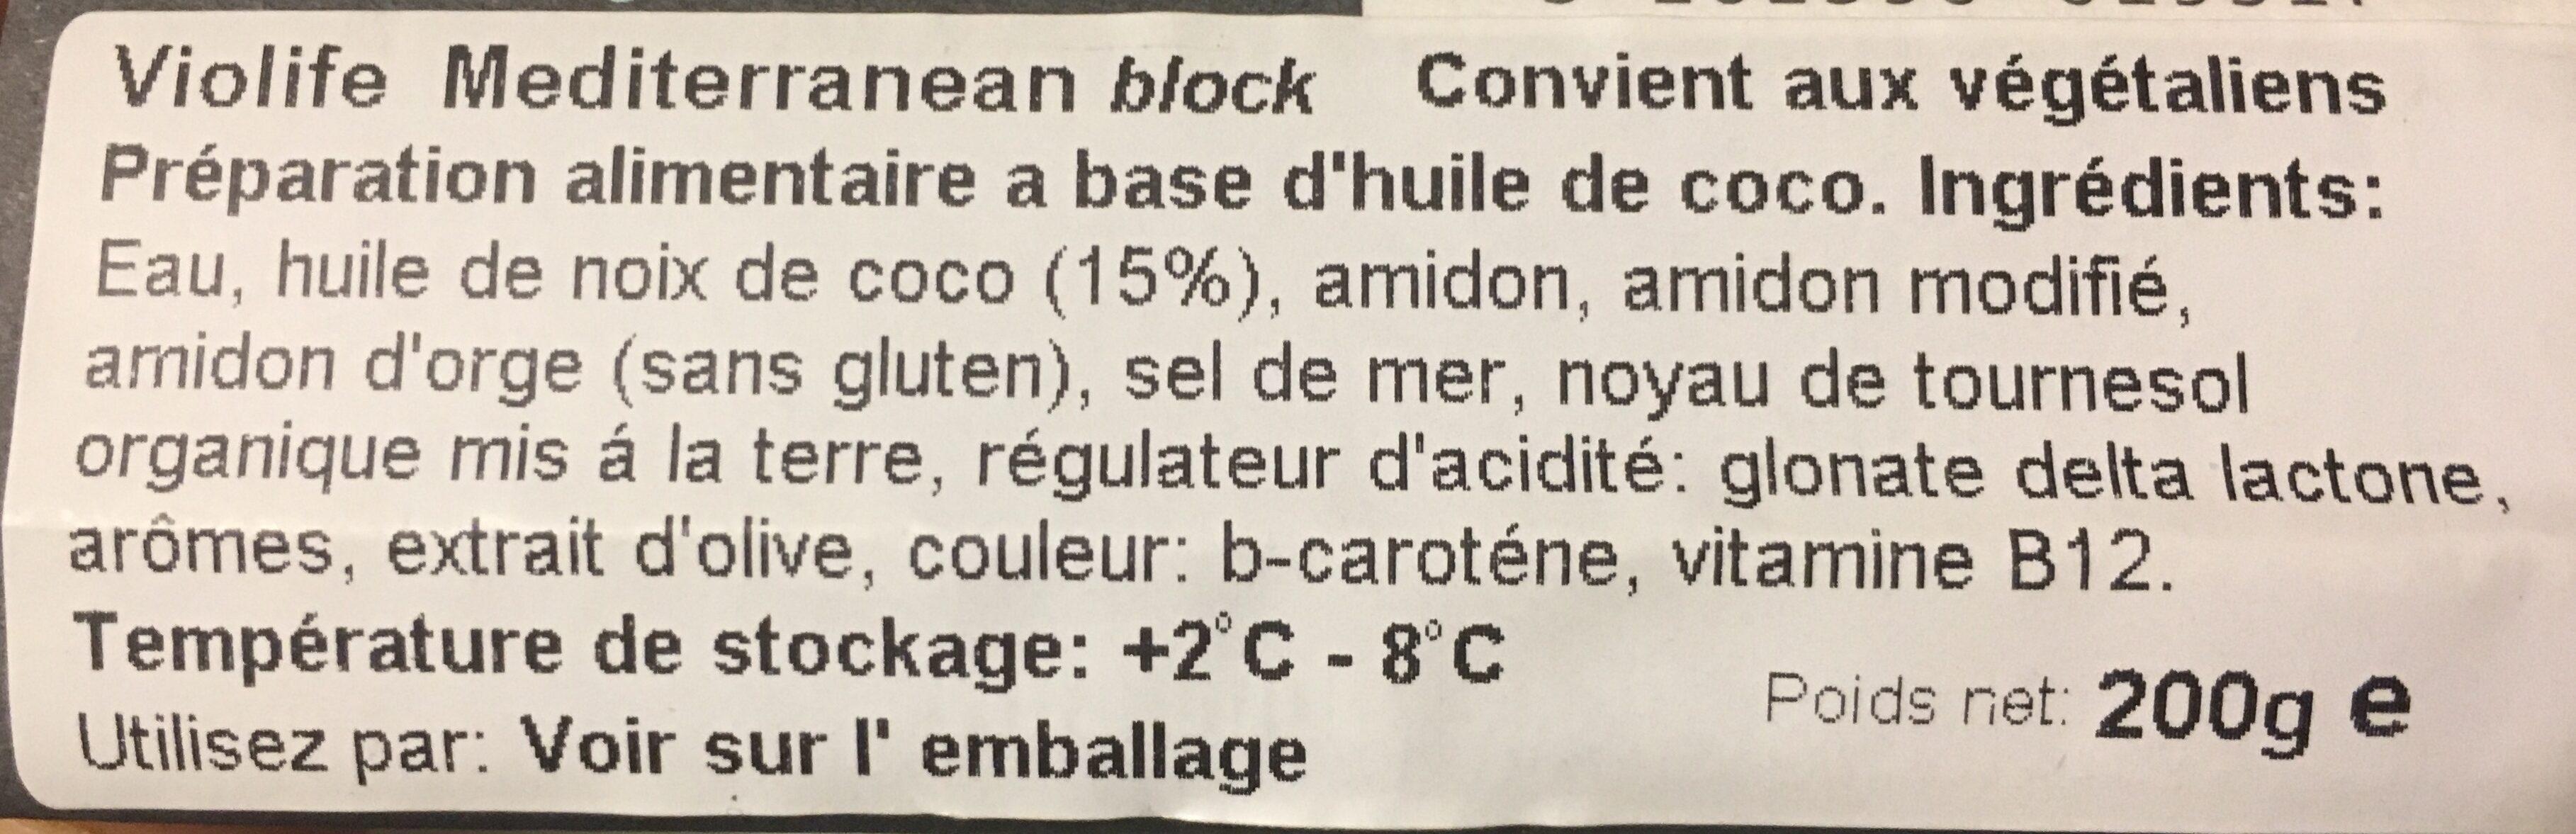 Violife Mediterranean Cheese Alternative Style Block X2 200G - Ingredients